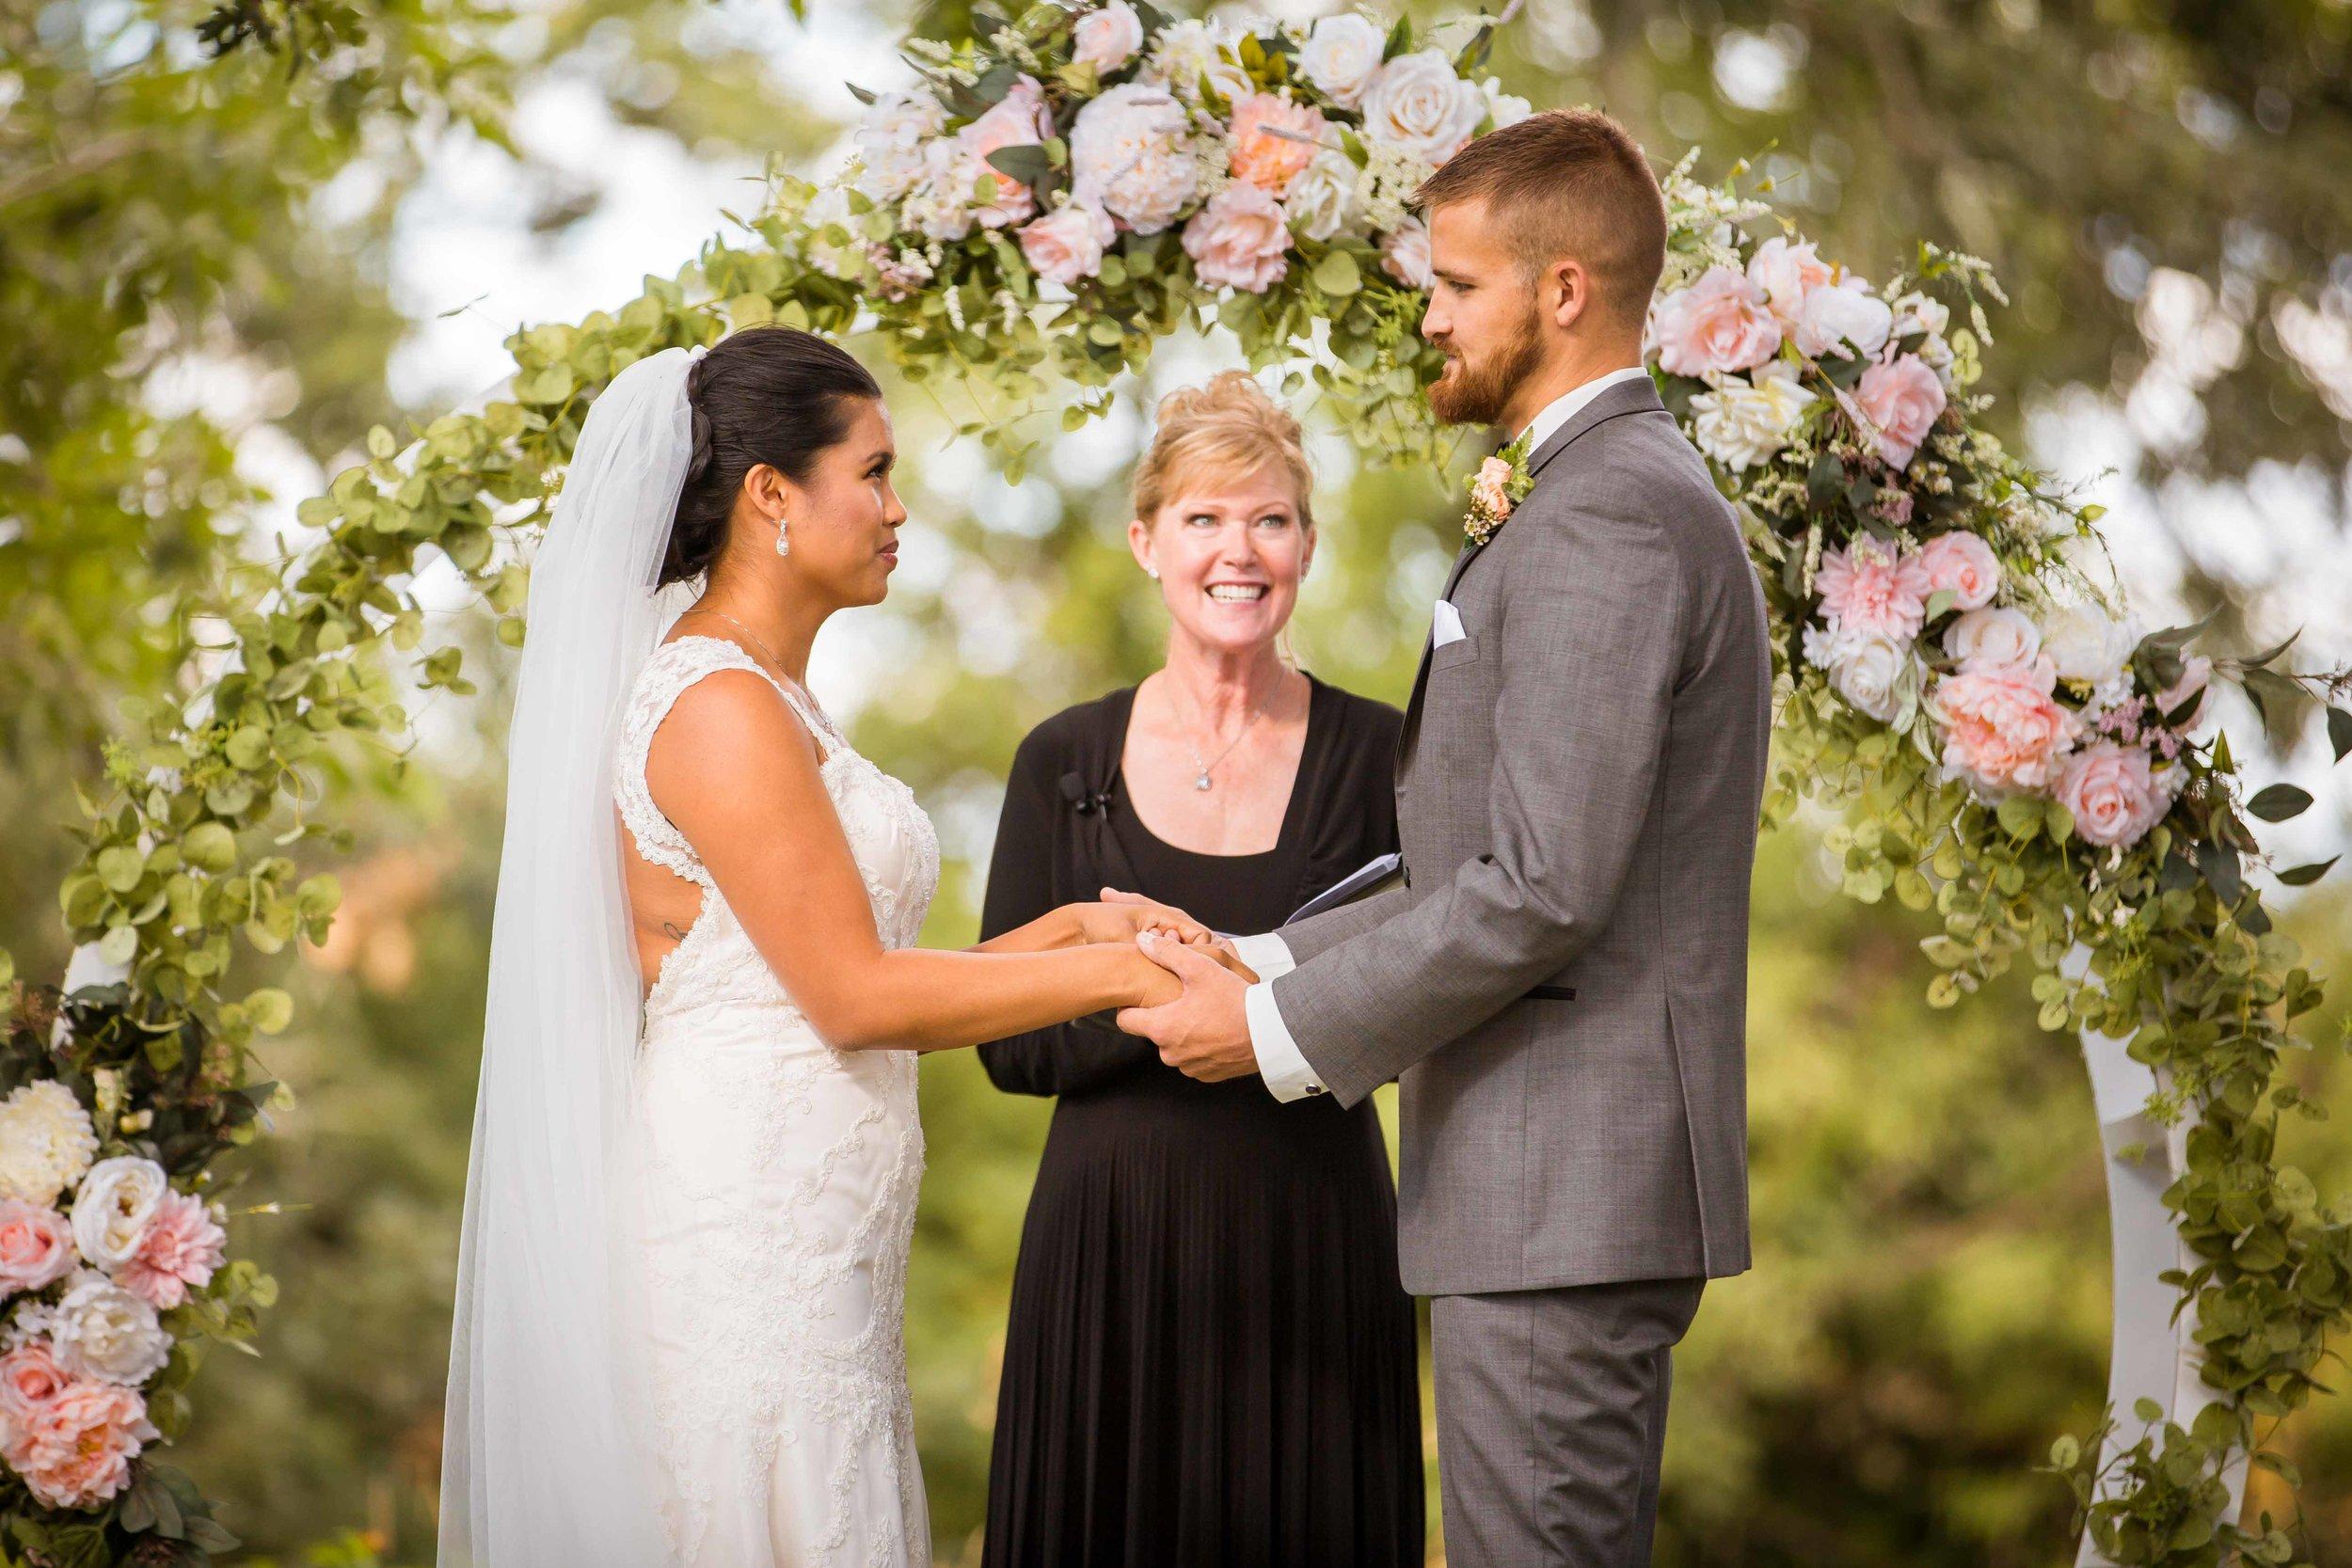 Ceremony Miranda and John - Dillon Vibes Photography-3.jpg